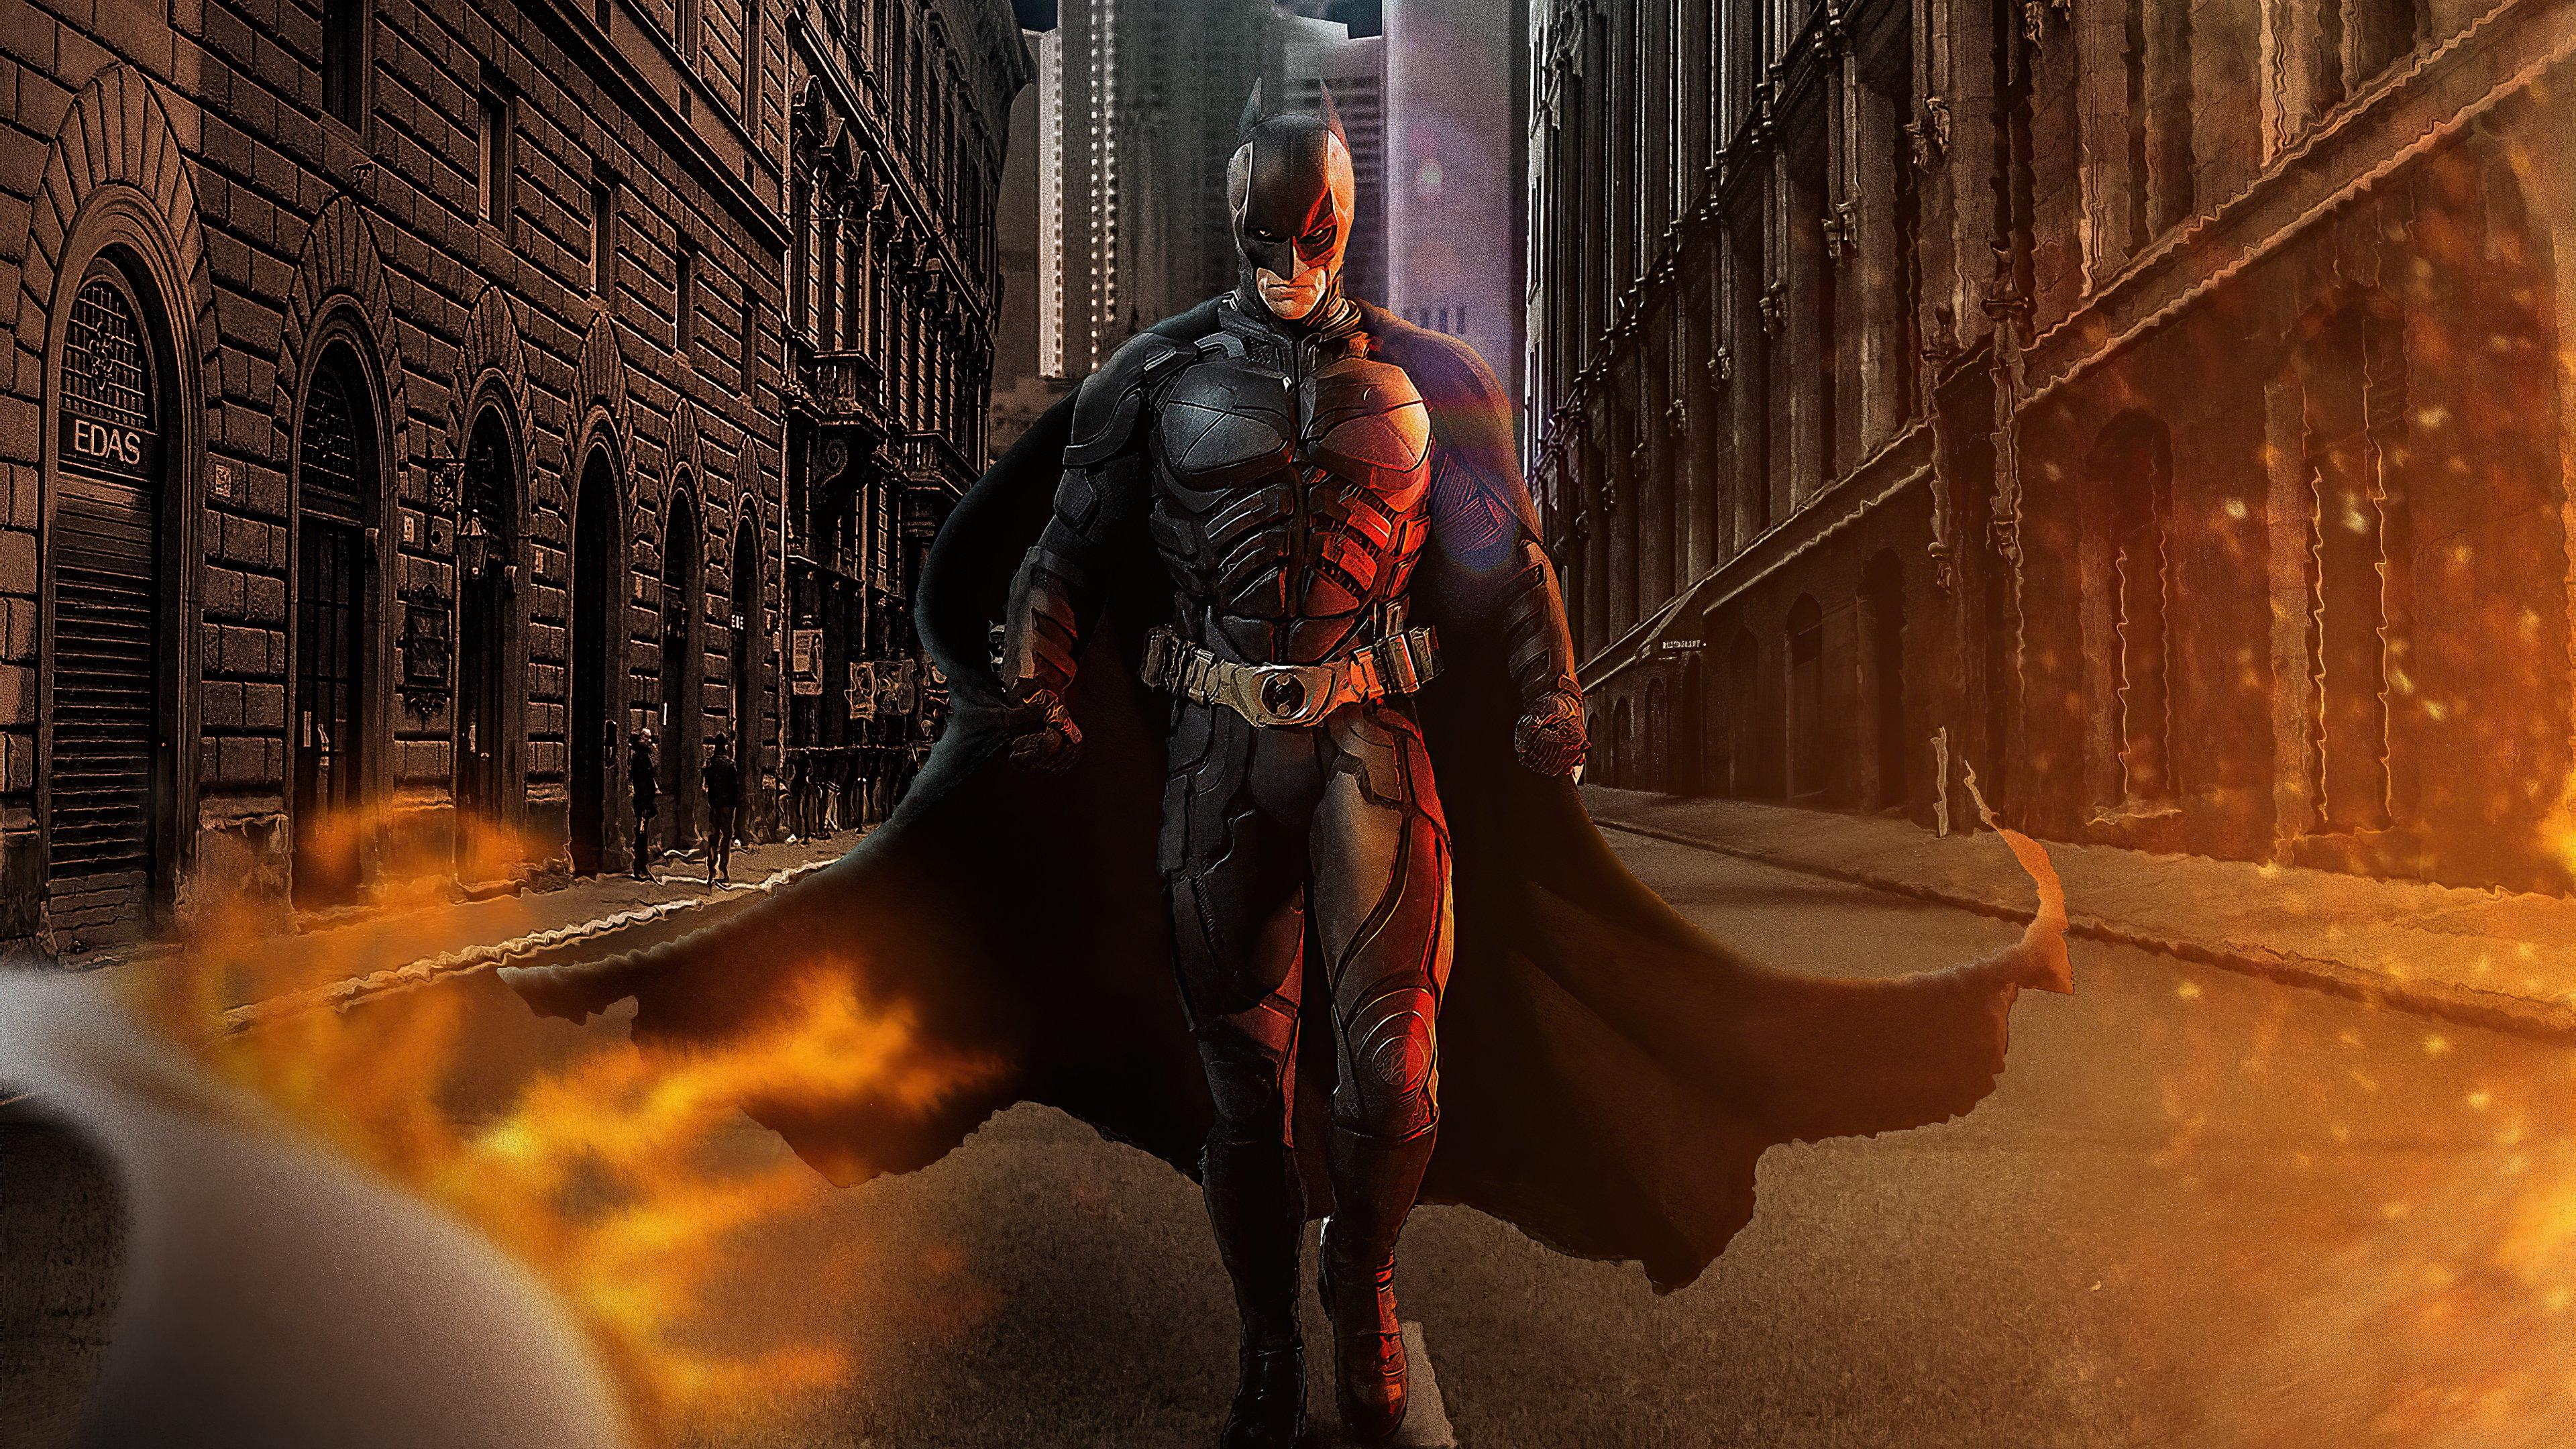 Fondos de pantalla Batman caminando